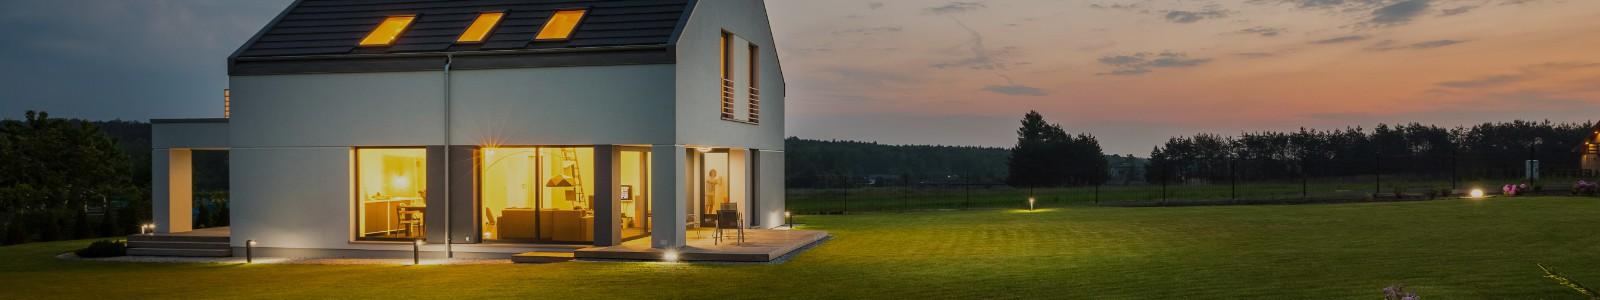 Projekty Średnich Domów Od 150m2do180m2 | Design